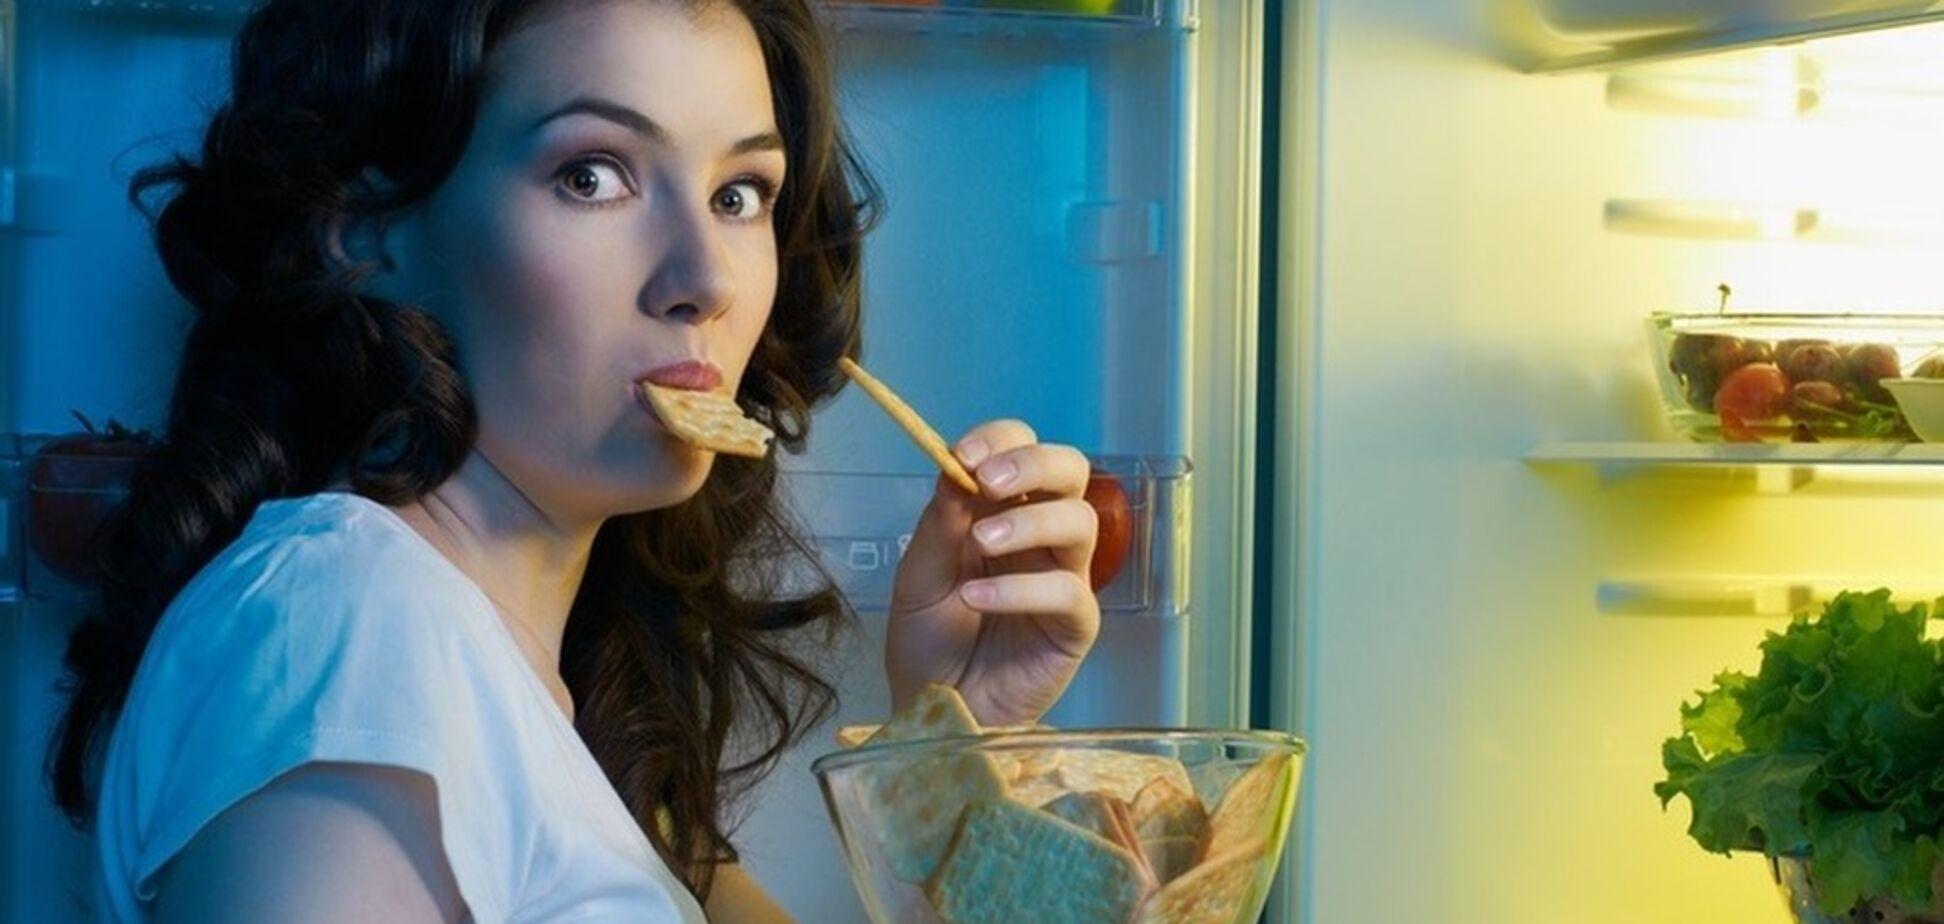 Їсти чи не їсти після шостої? Розкрито секрет здорової вечері